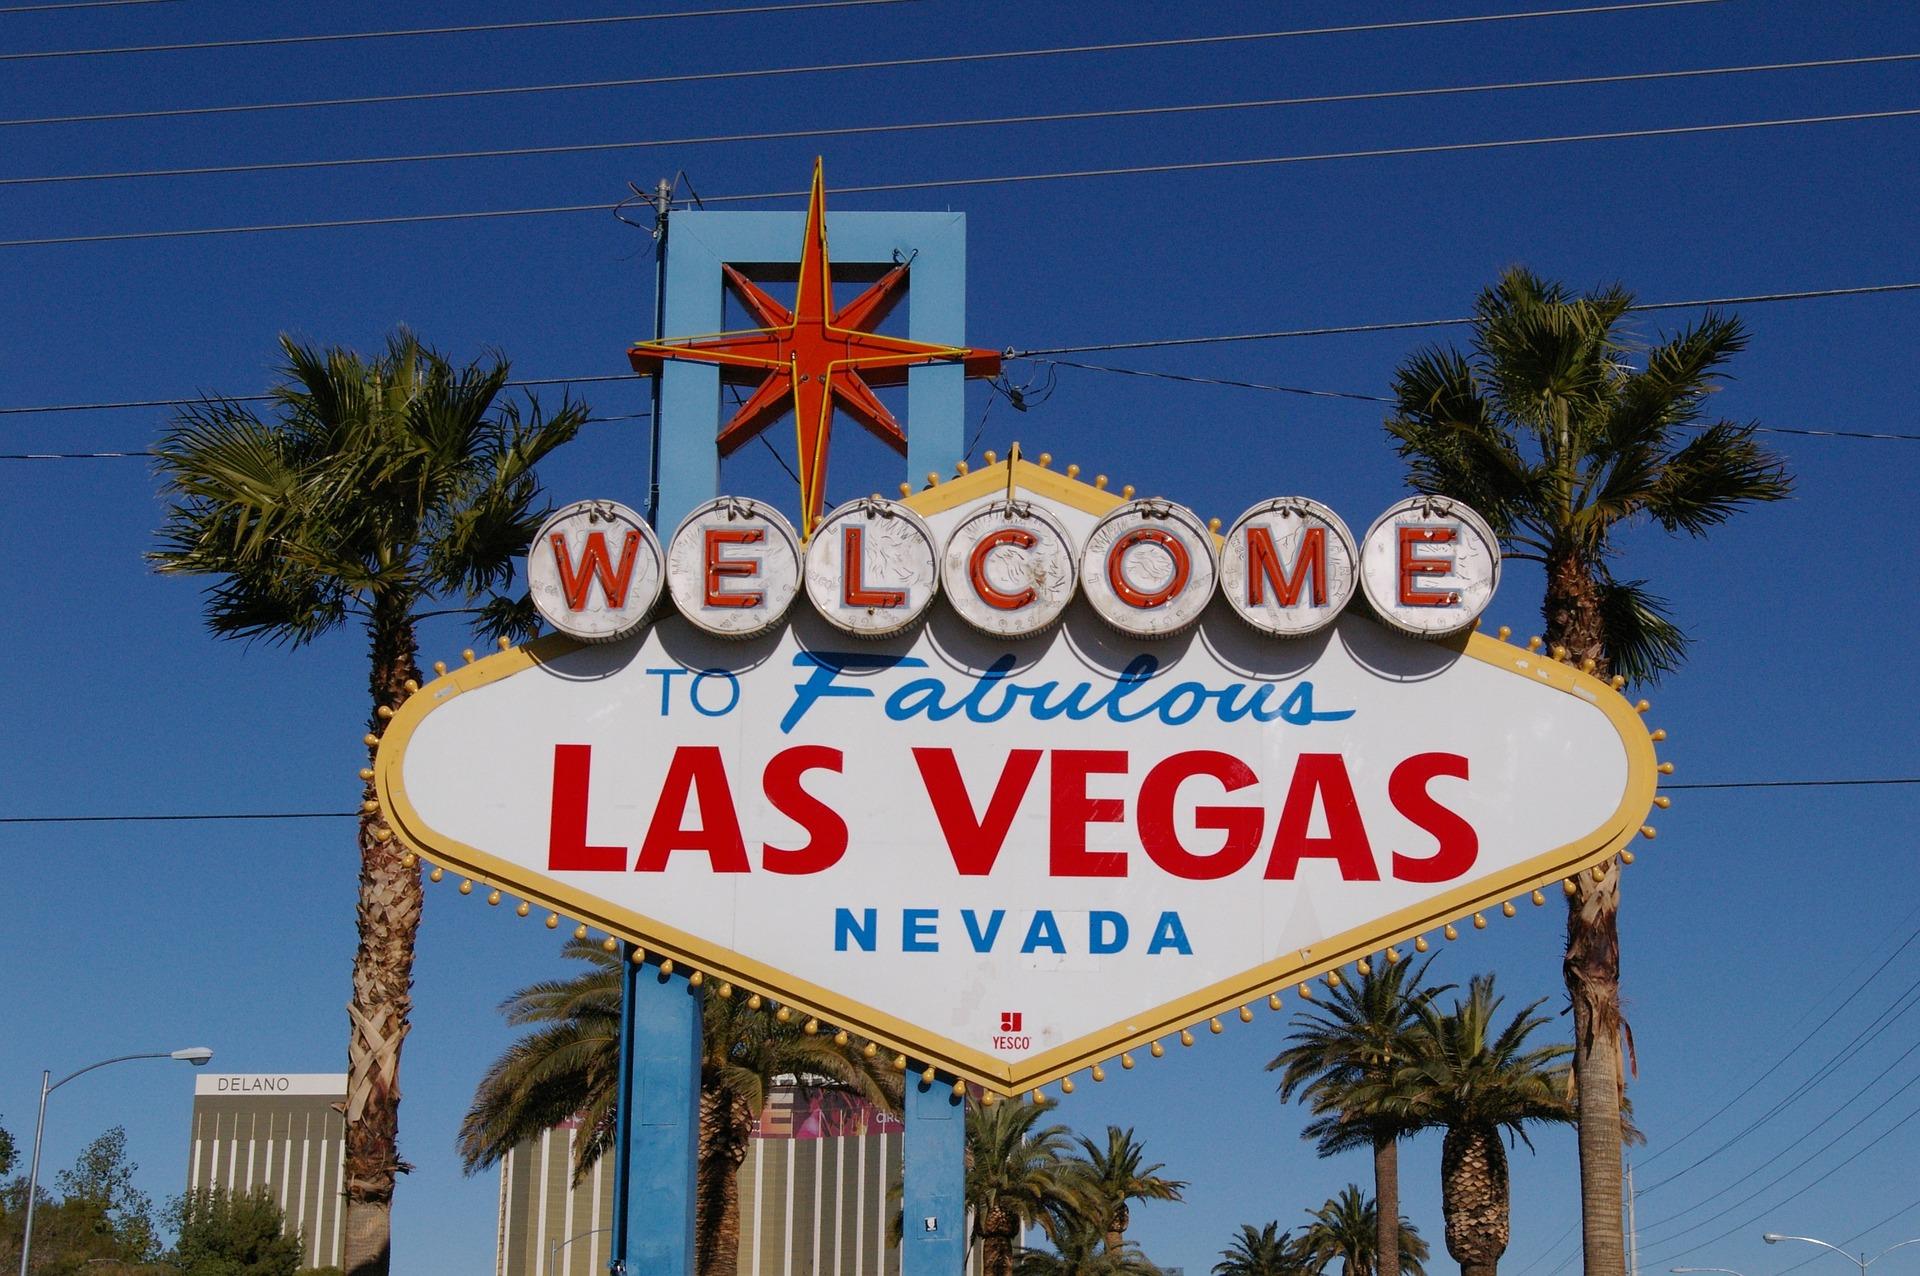 welcome-to-las-vegas-1086412_1920.jpg